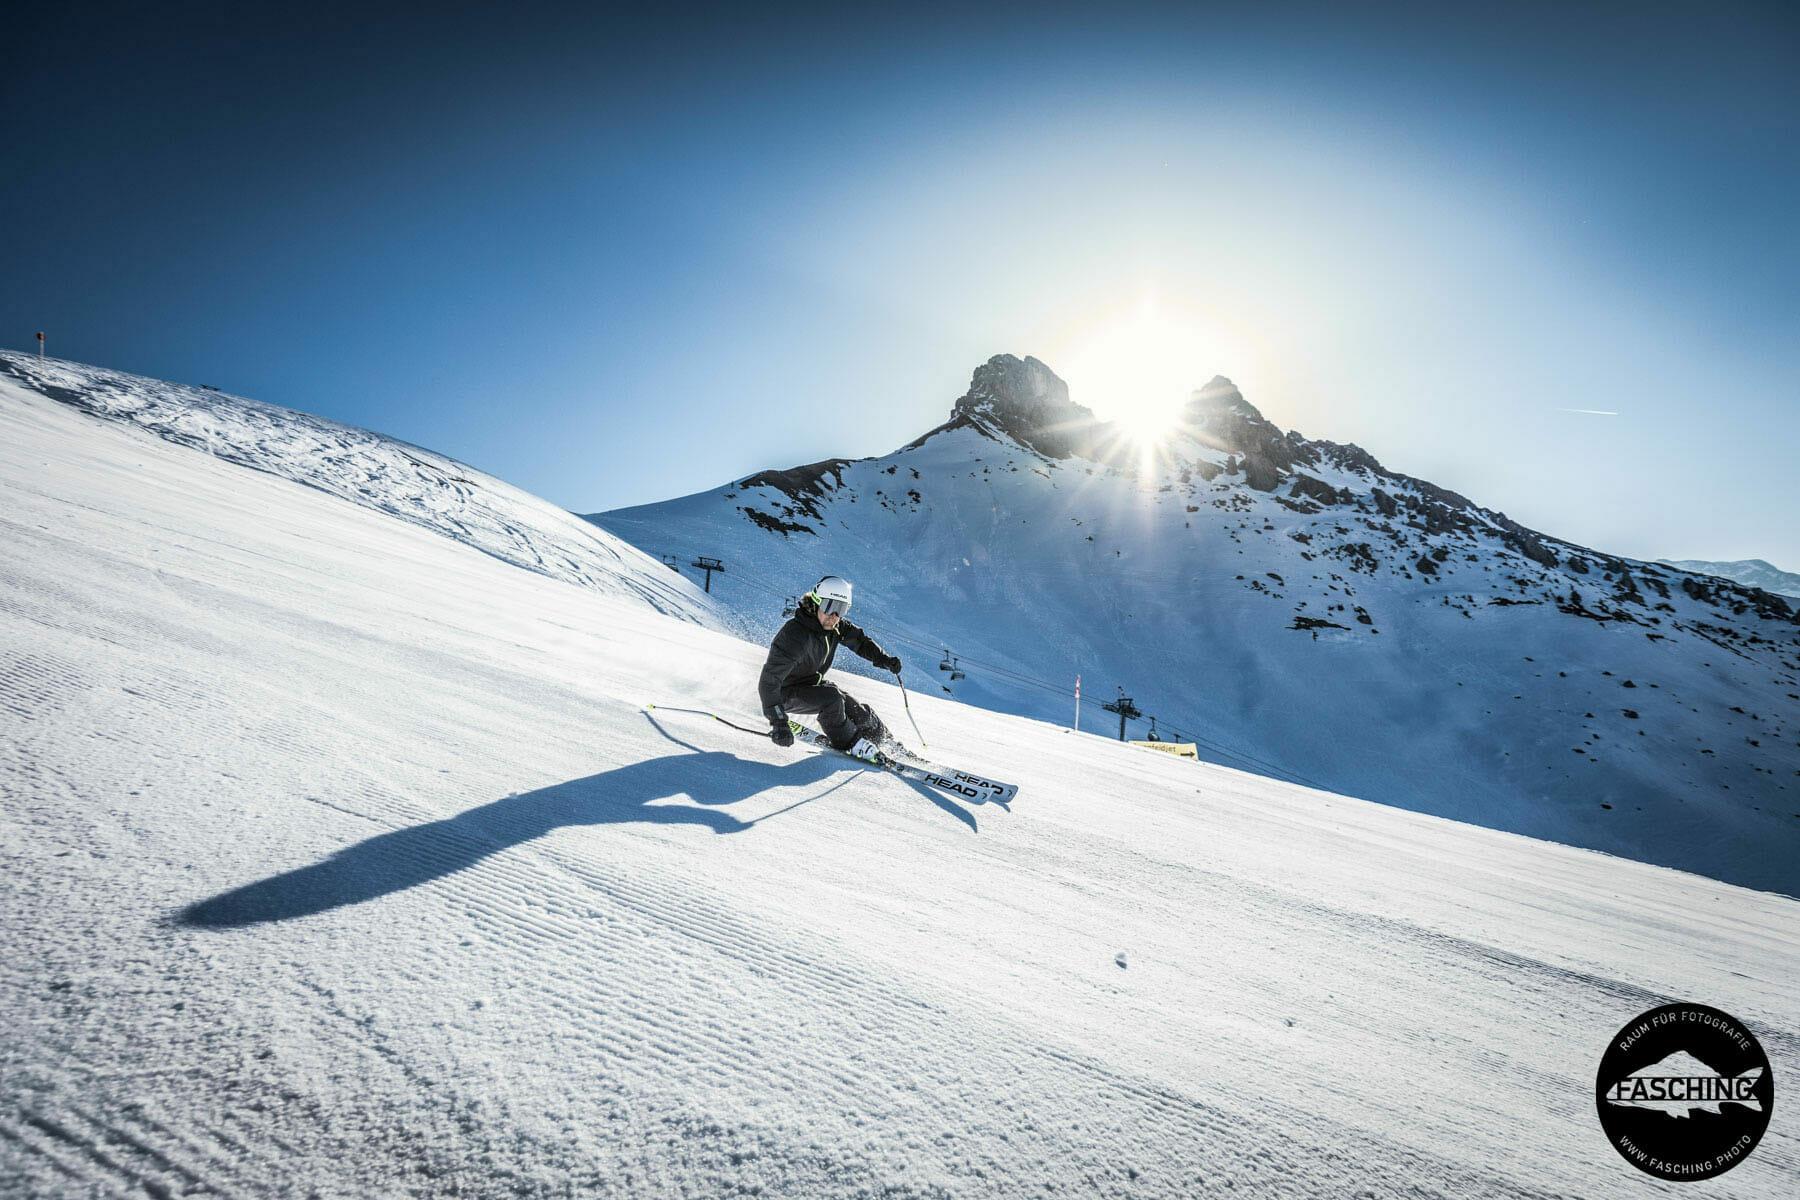 Tourismusfotos im Skigebiet fotografiert von Studio Fasching in Bregenz